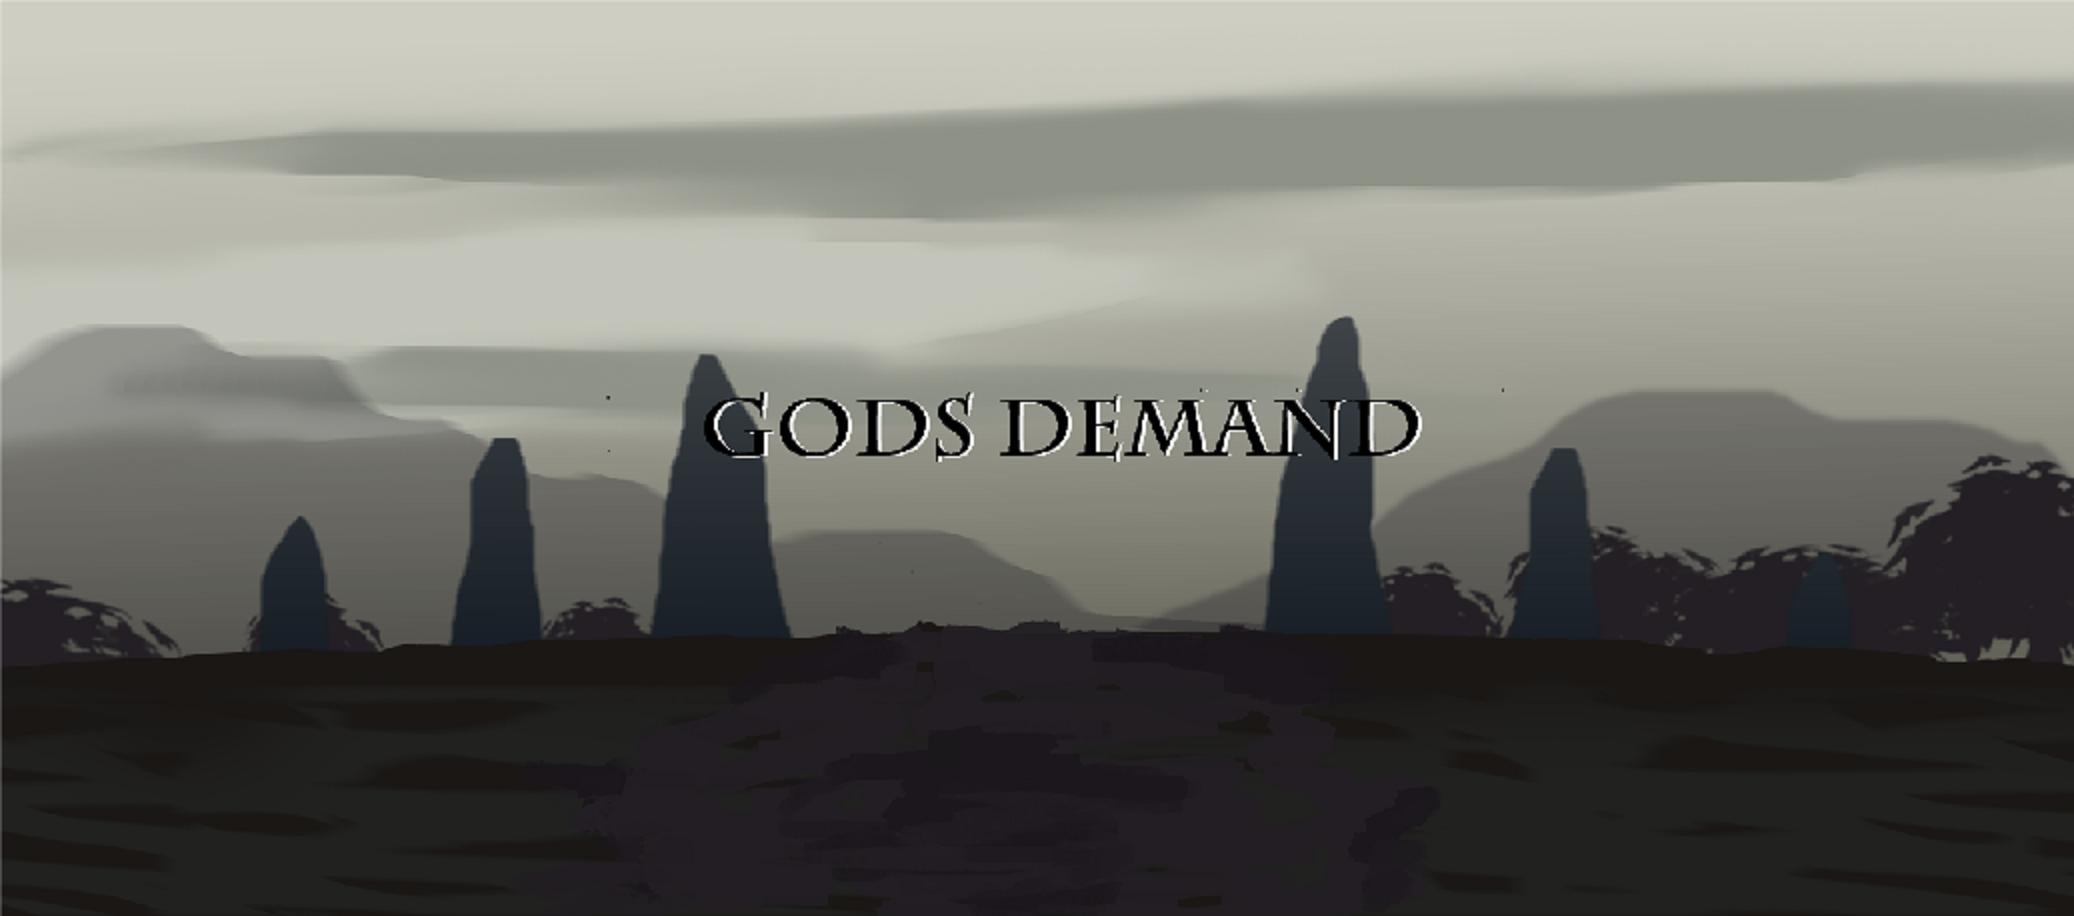 Gods demand